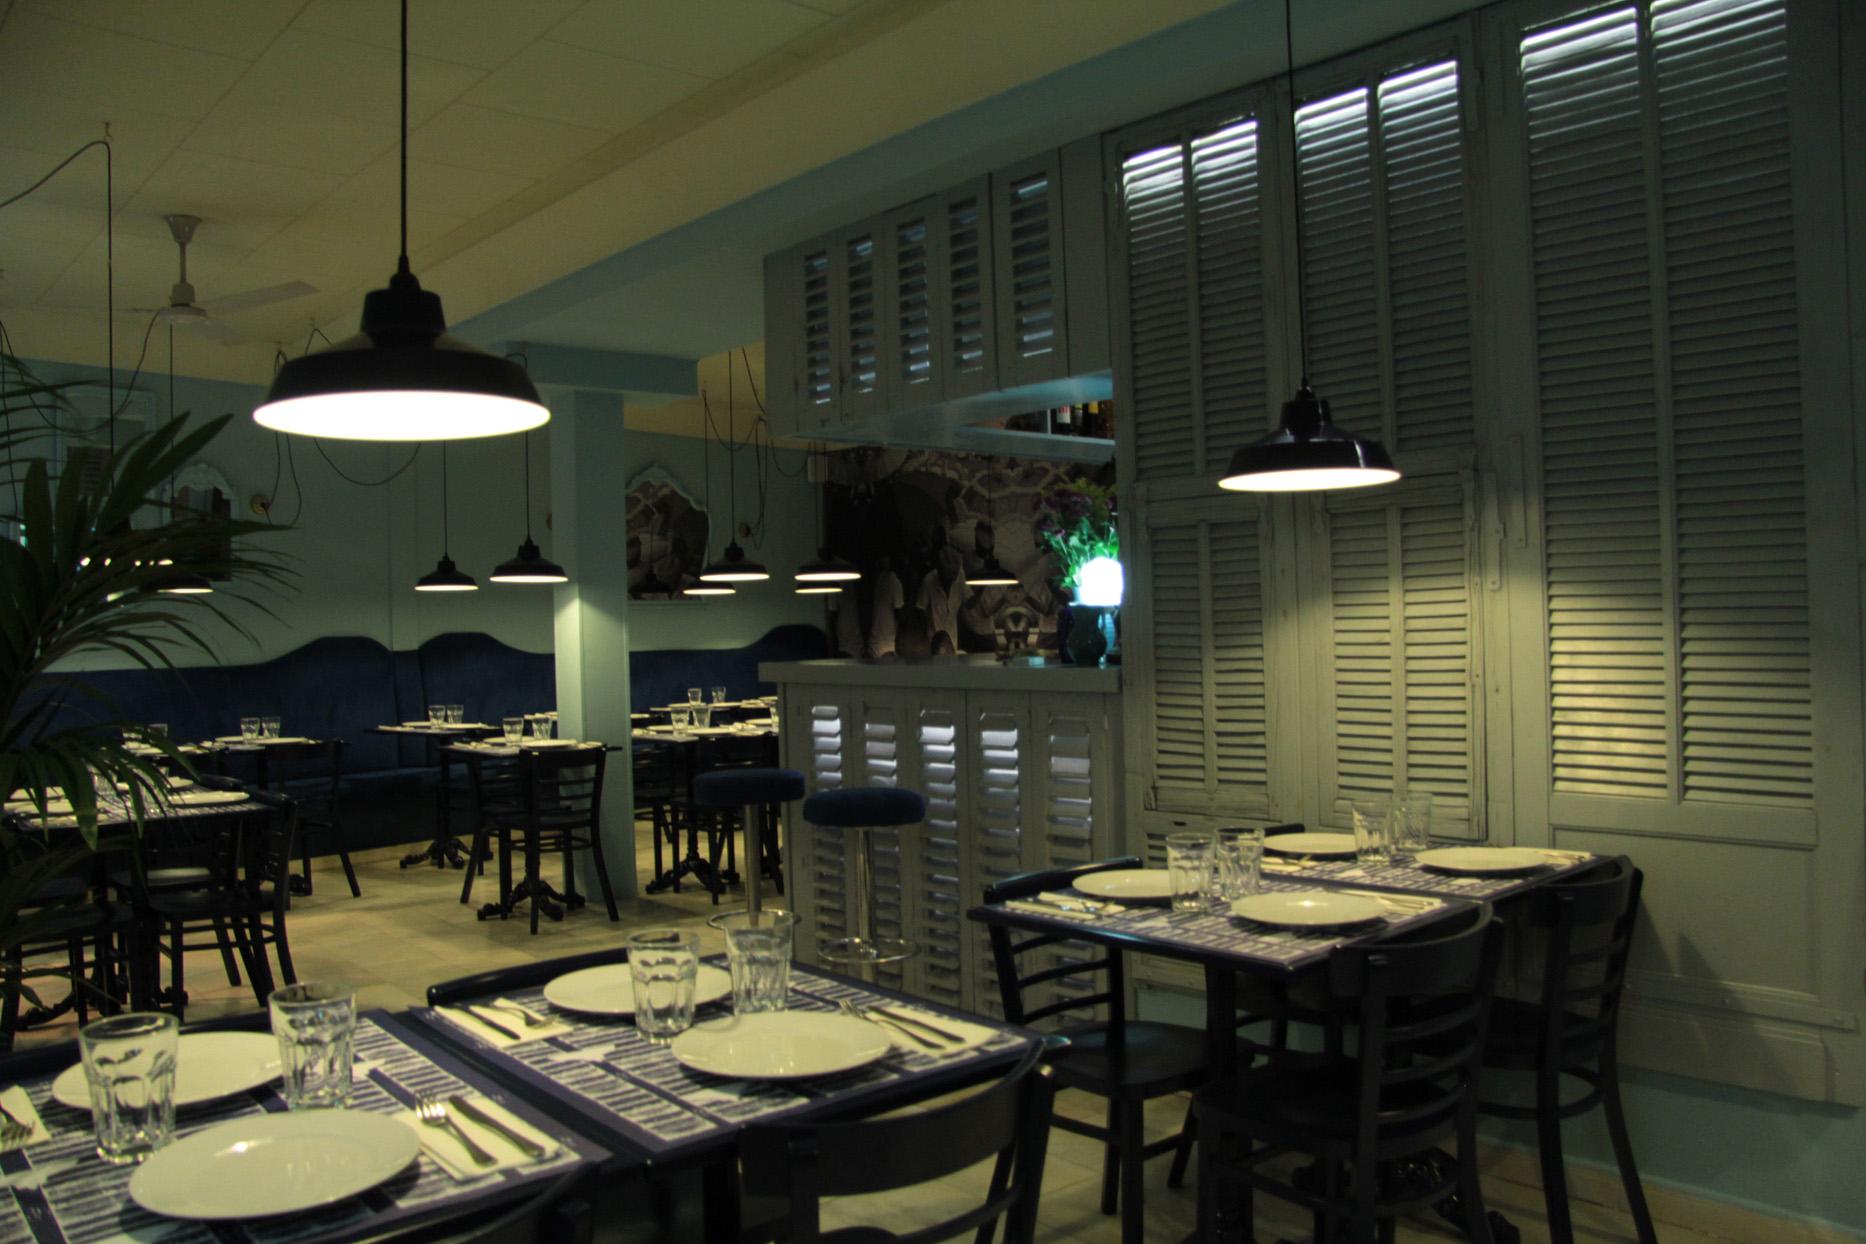 restaurante-gumbo-new-orleans-cajun-galeria-12